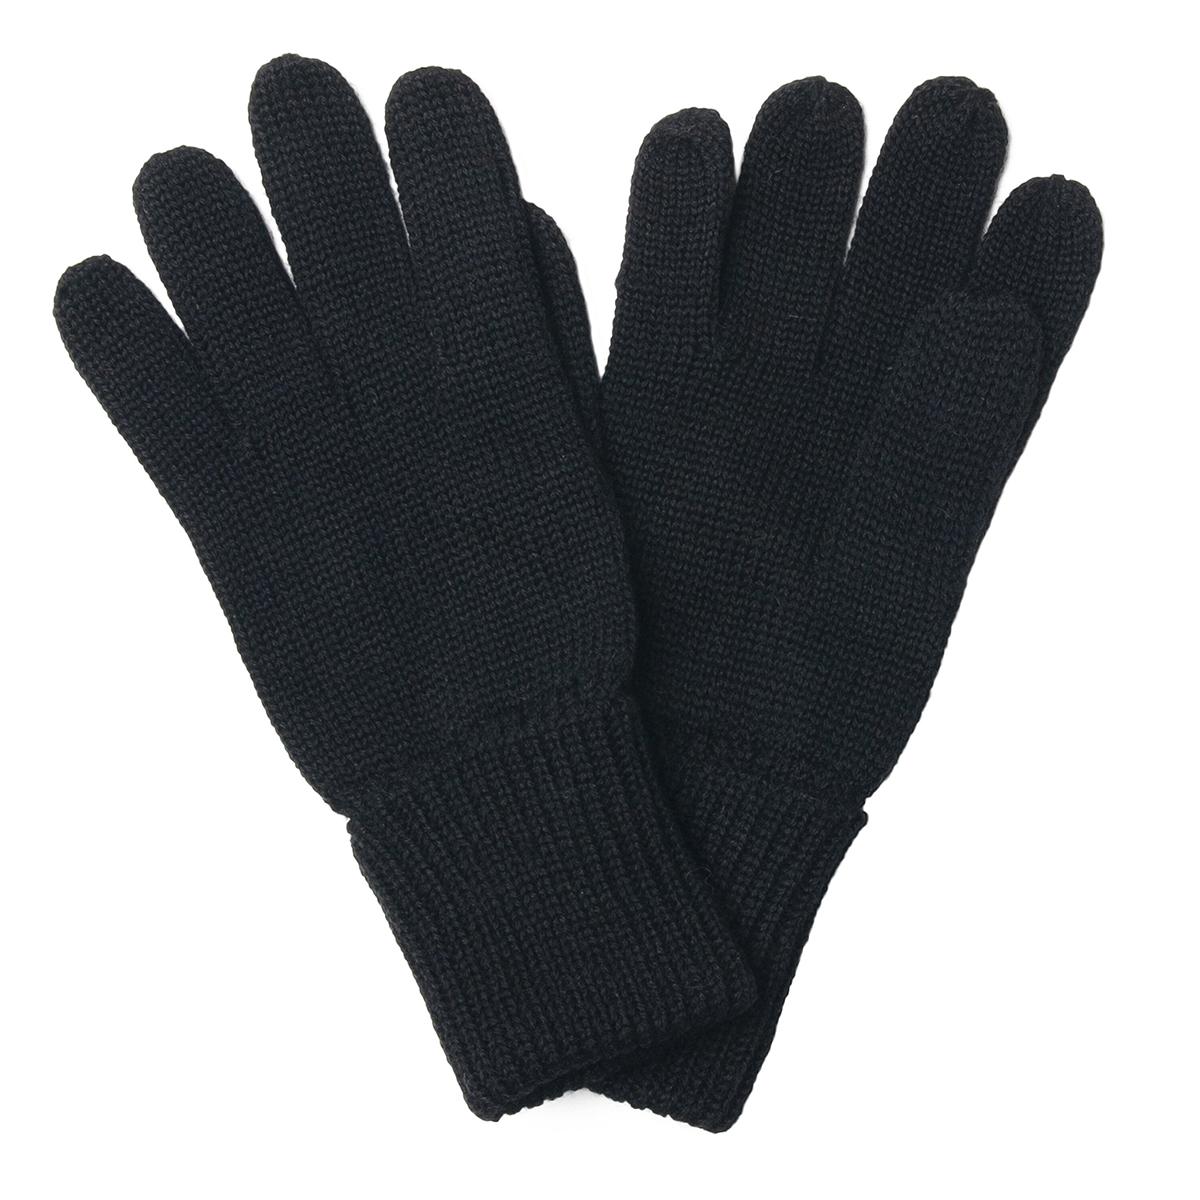 Перчатки KIRA Kerry, Размер 5, Цвет 042-черный K19593-042_5